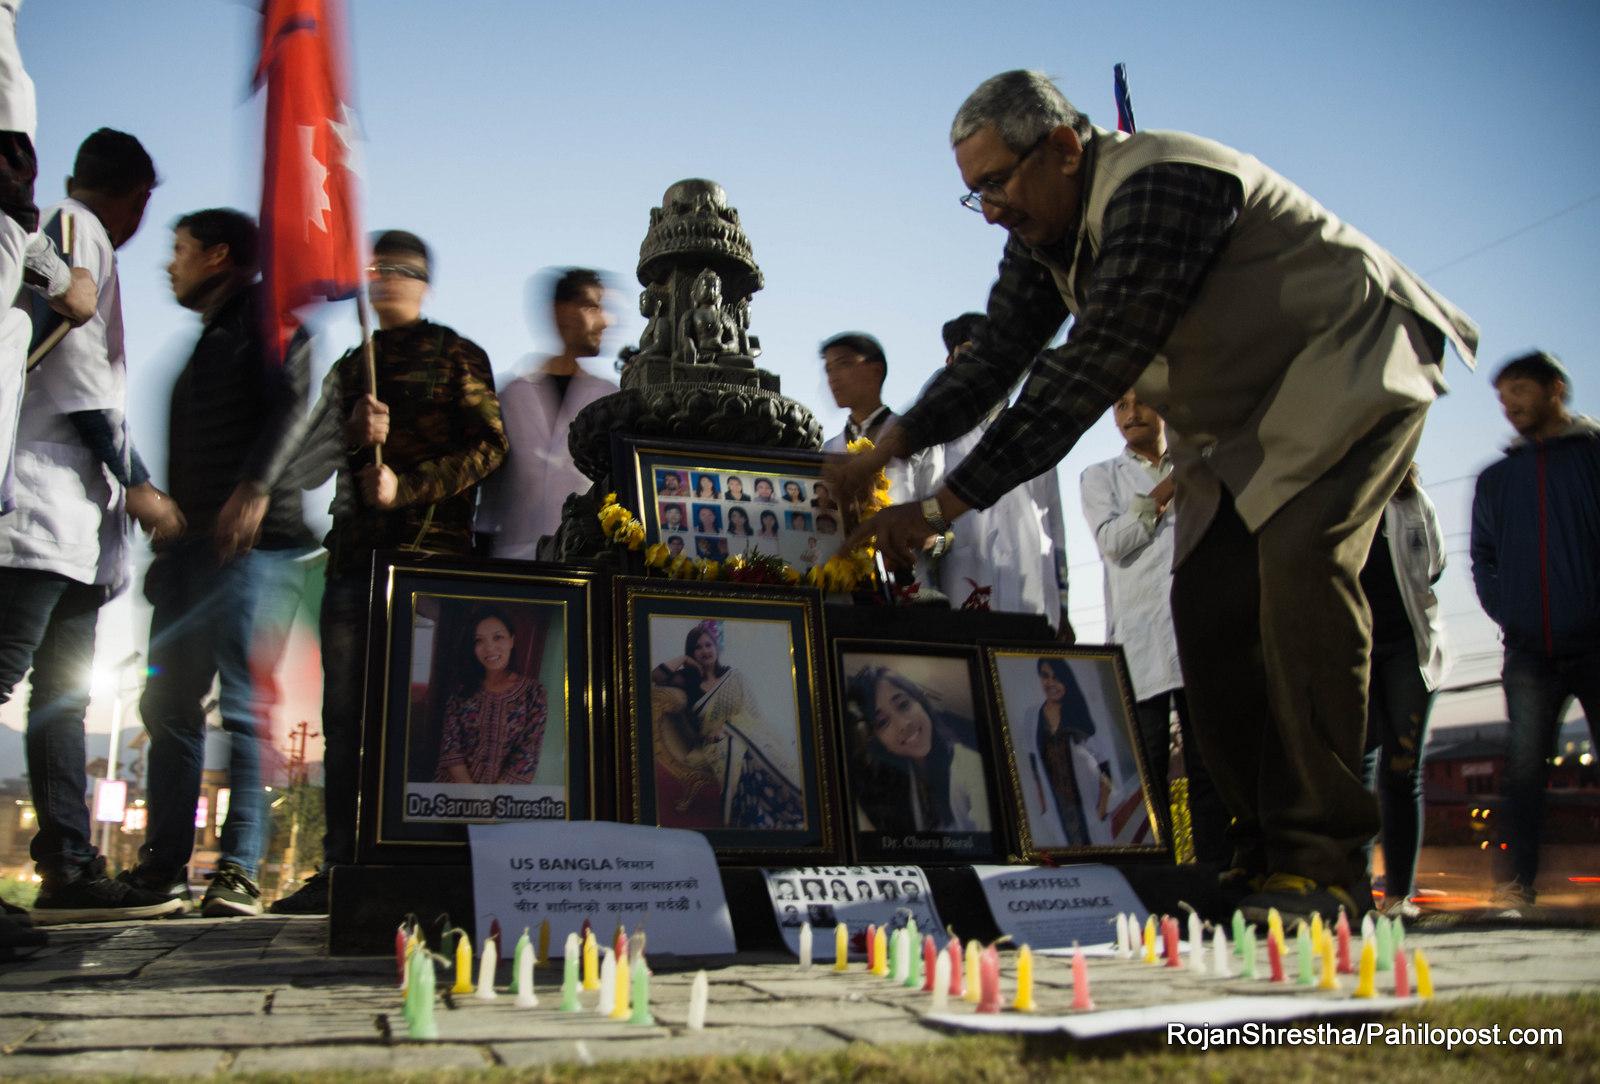 फोटोमा हेर्नुस् माइतीघरमा ५२ यात्रुको ज्यान गएको विमान दुर्घटनाको स्मरण